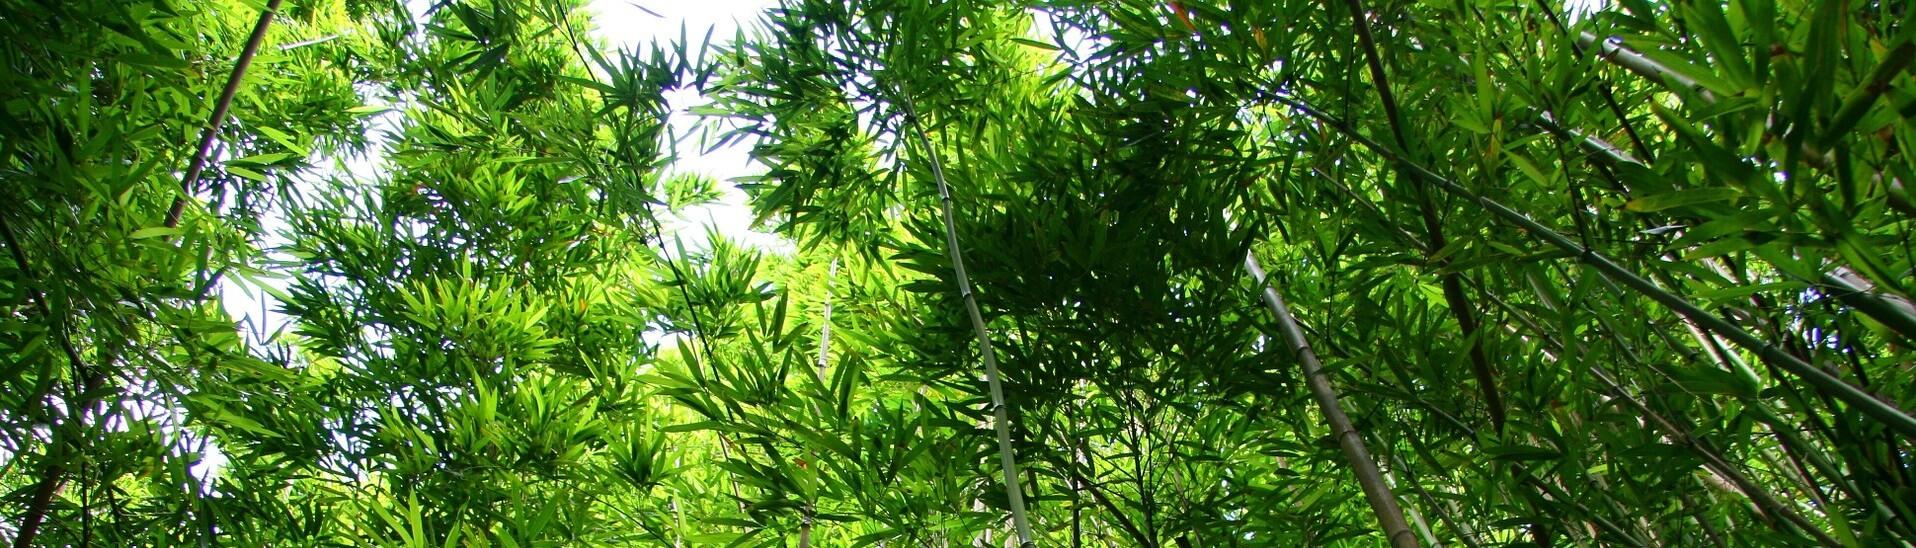 Bambuspflanzen für den Garten oder für Zuhause